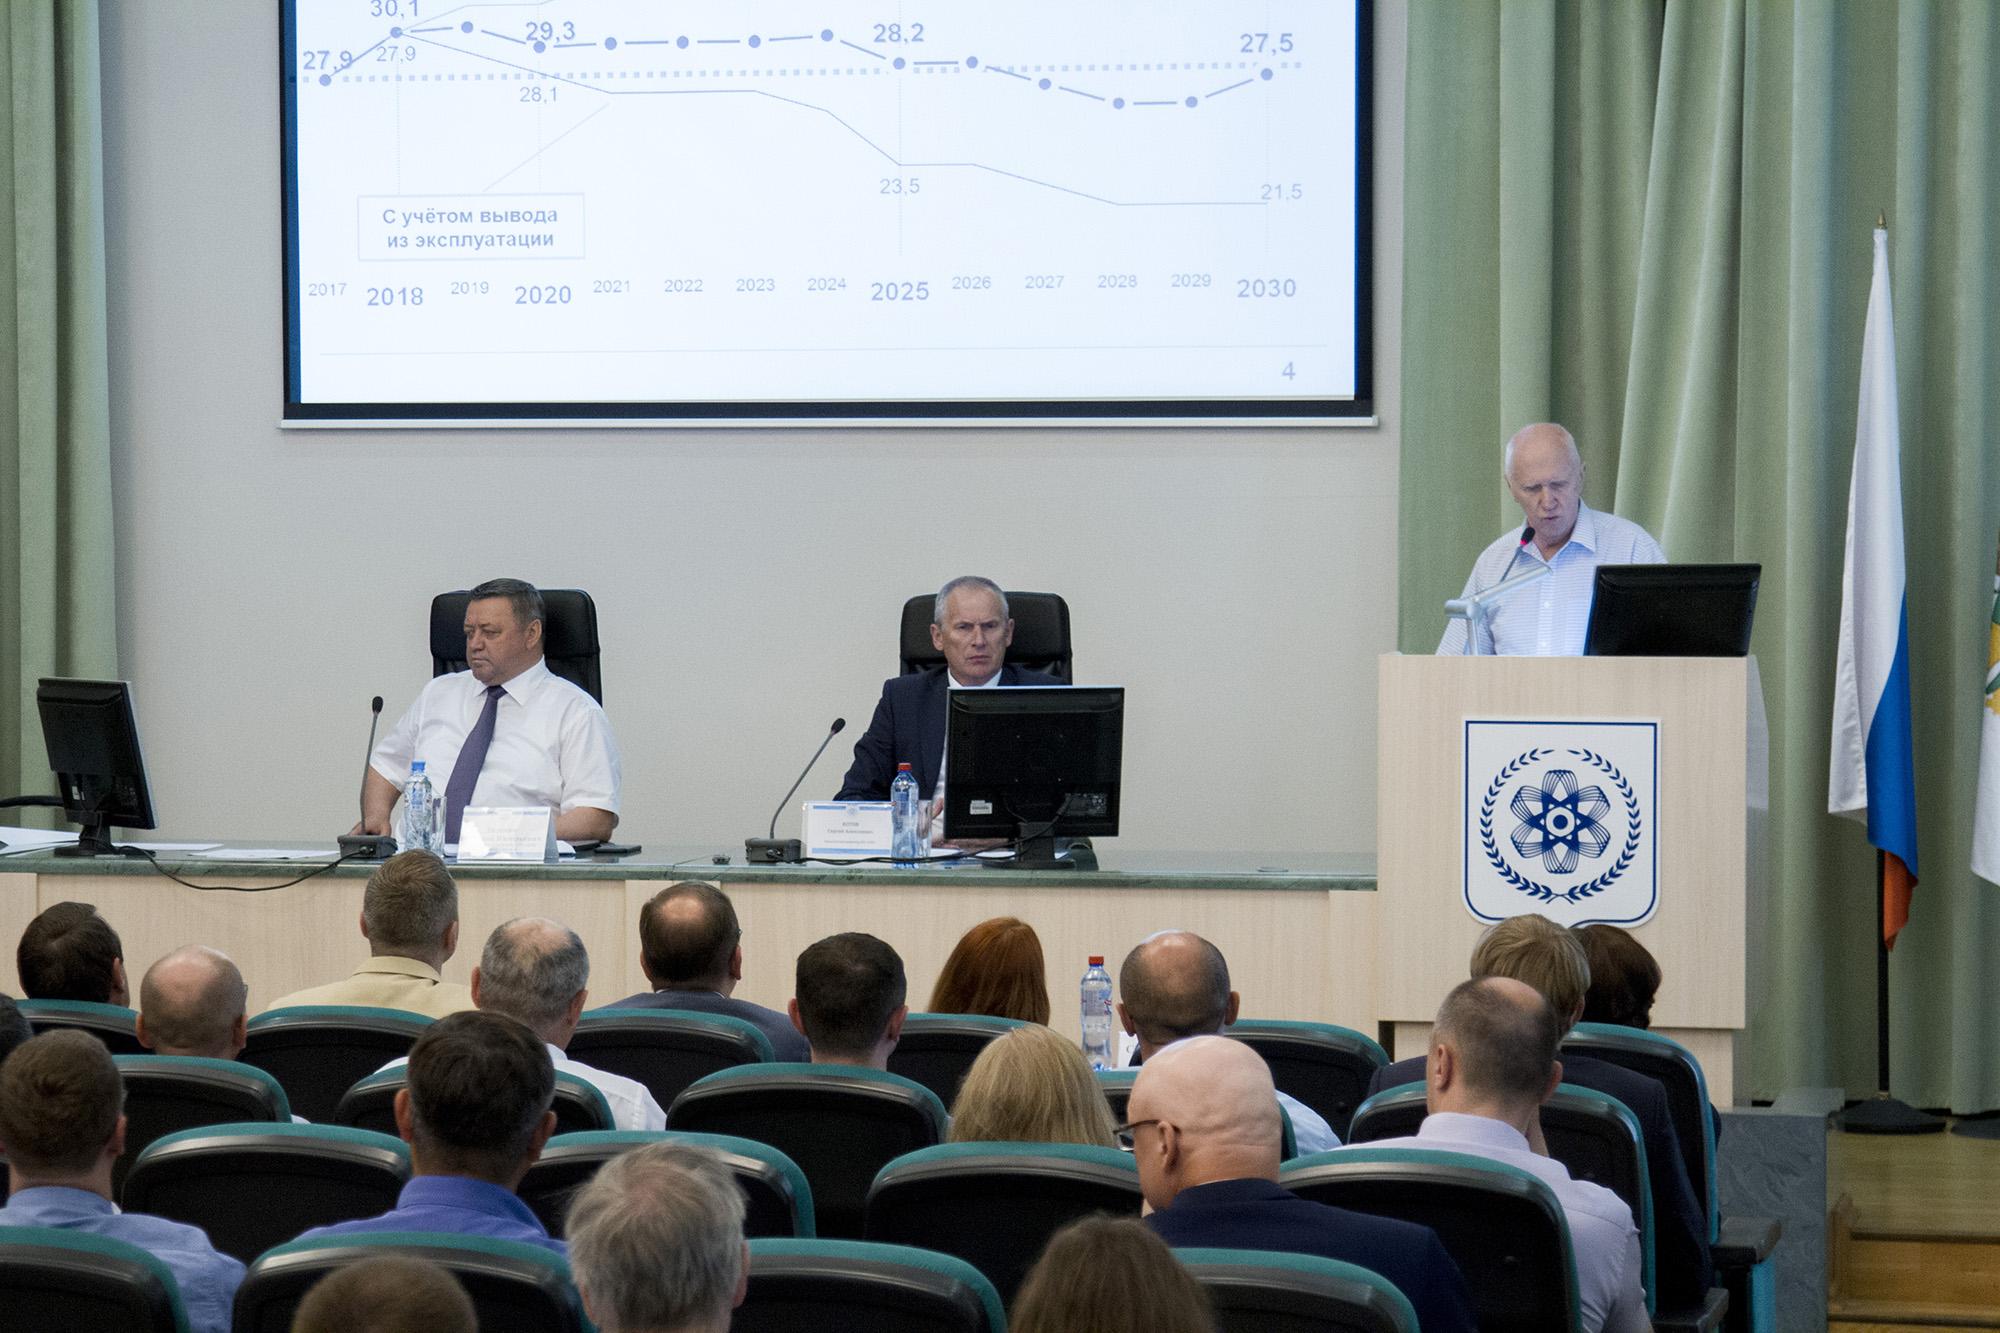 В Северске обсудили вопрос сооружения реактора БРЕСТ доклад Евгения Адамова